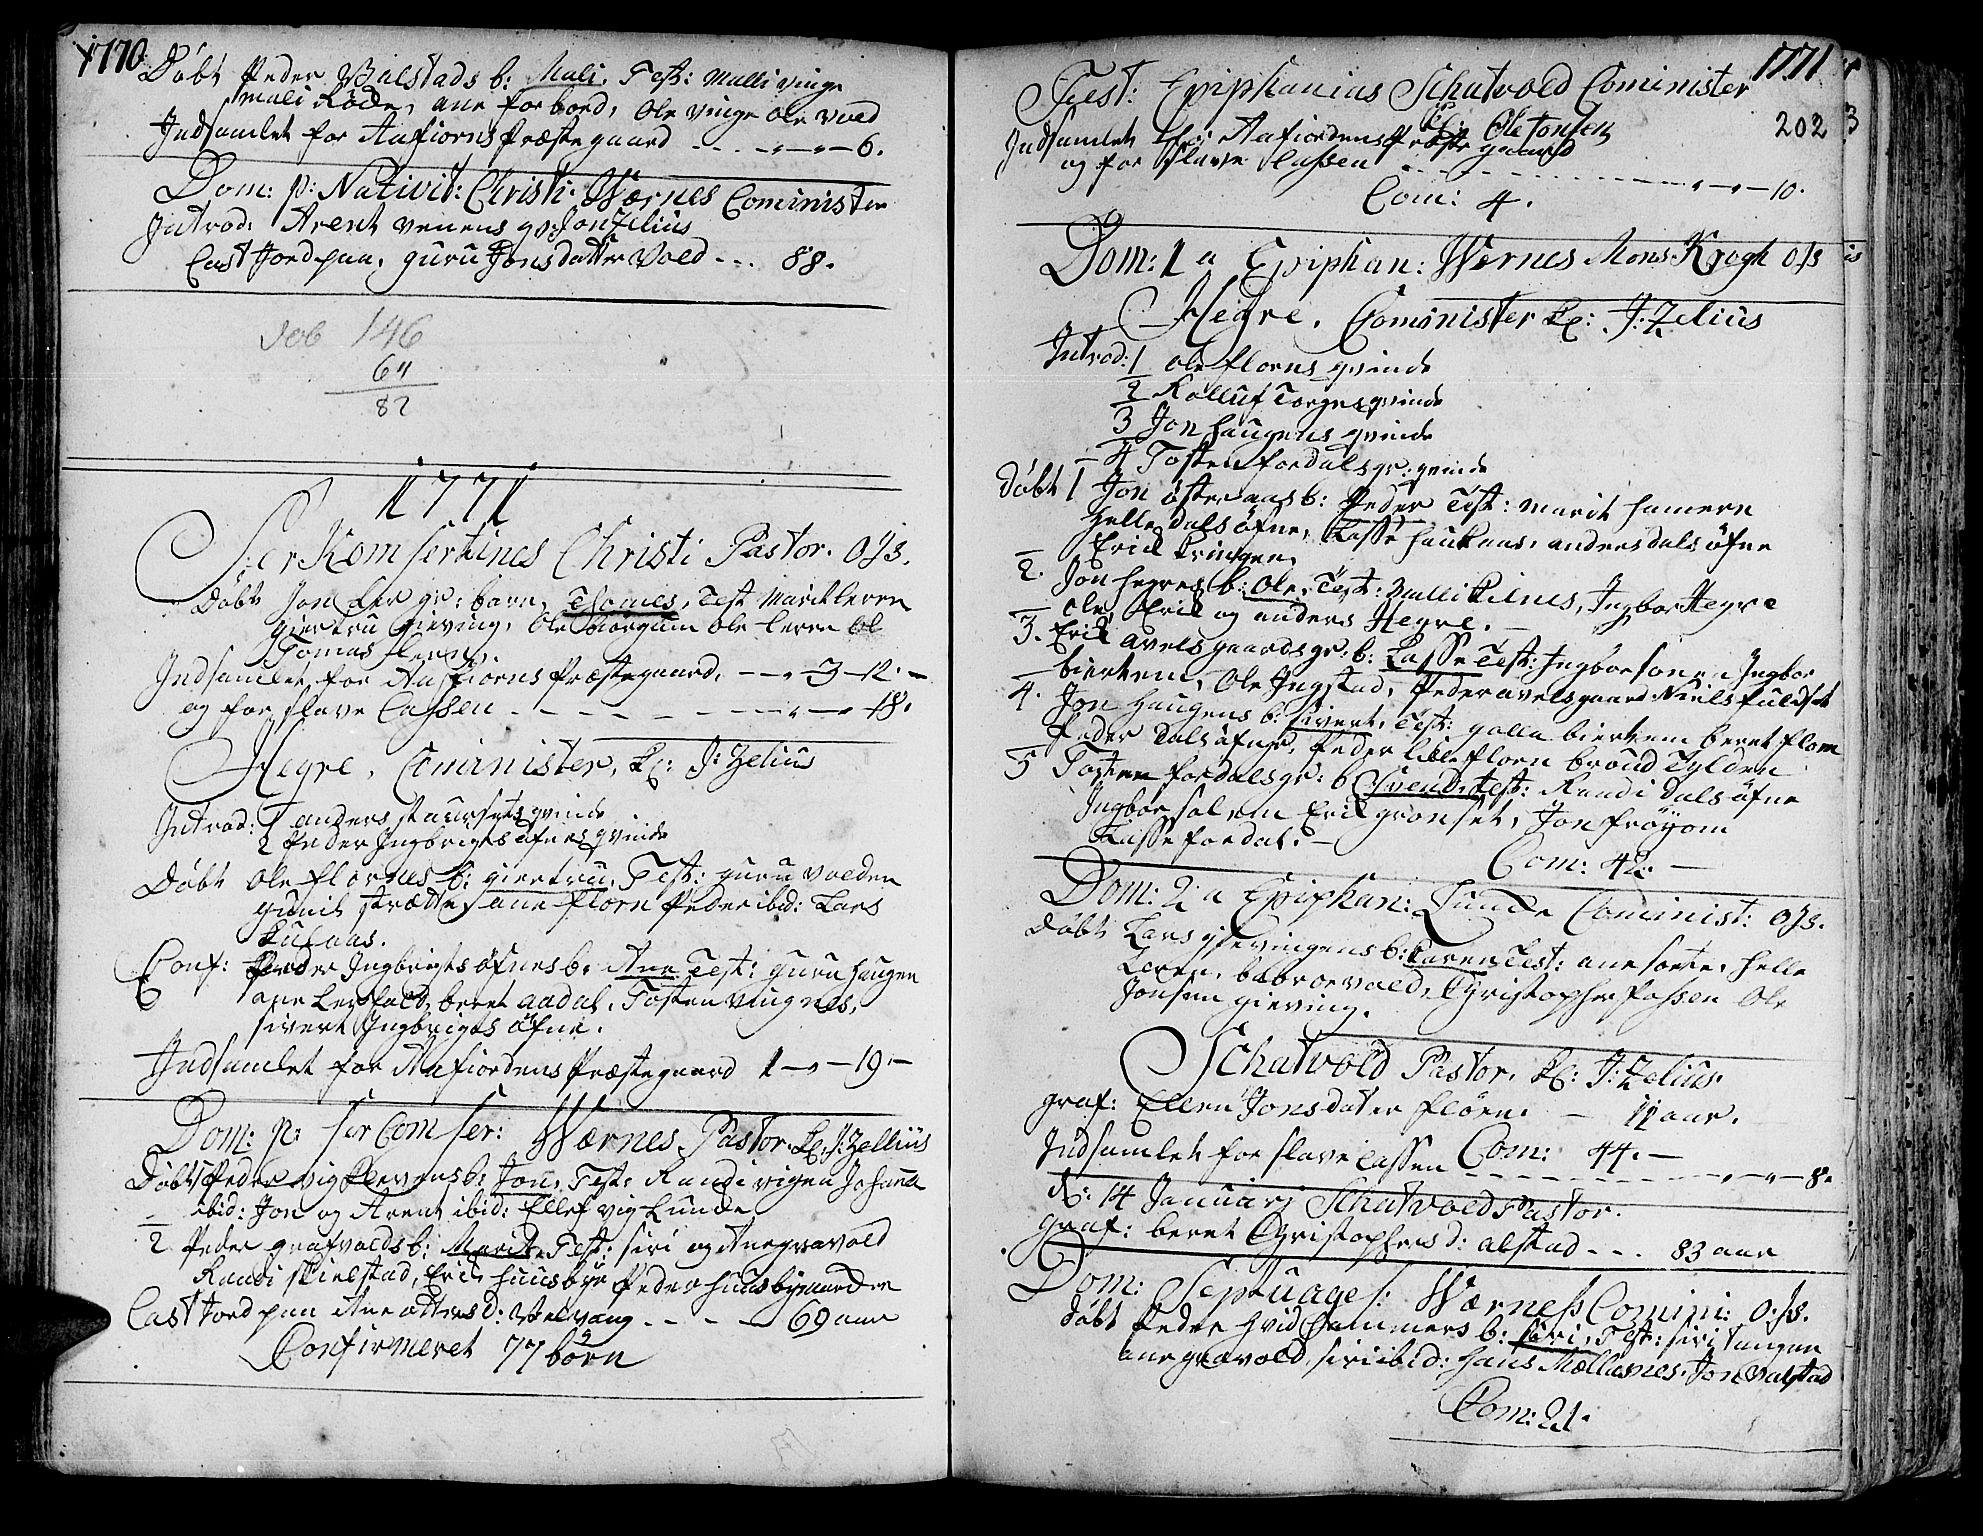 SAT, Ministerialprotokoller, klokkerbøker og fødselsregistre - Nord-Trøndelag, 709/L0057: Ministerialbok nr. 709A05, 1755-1780, s. 202